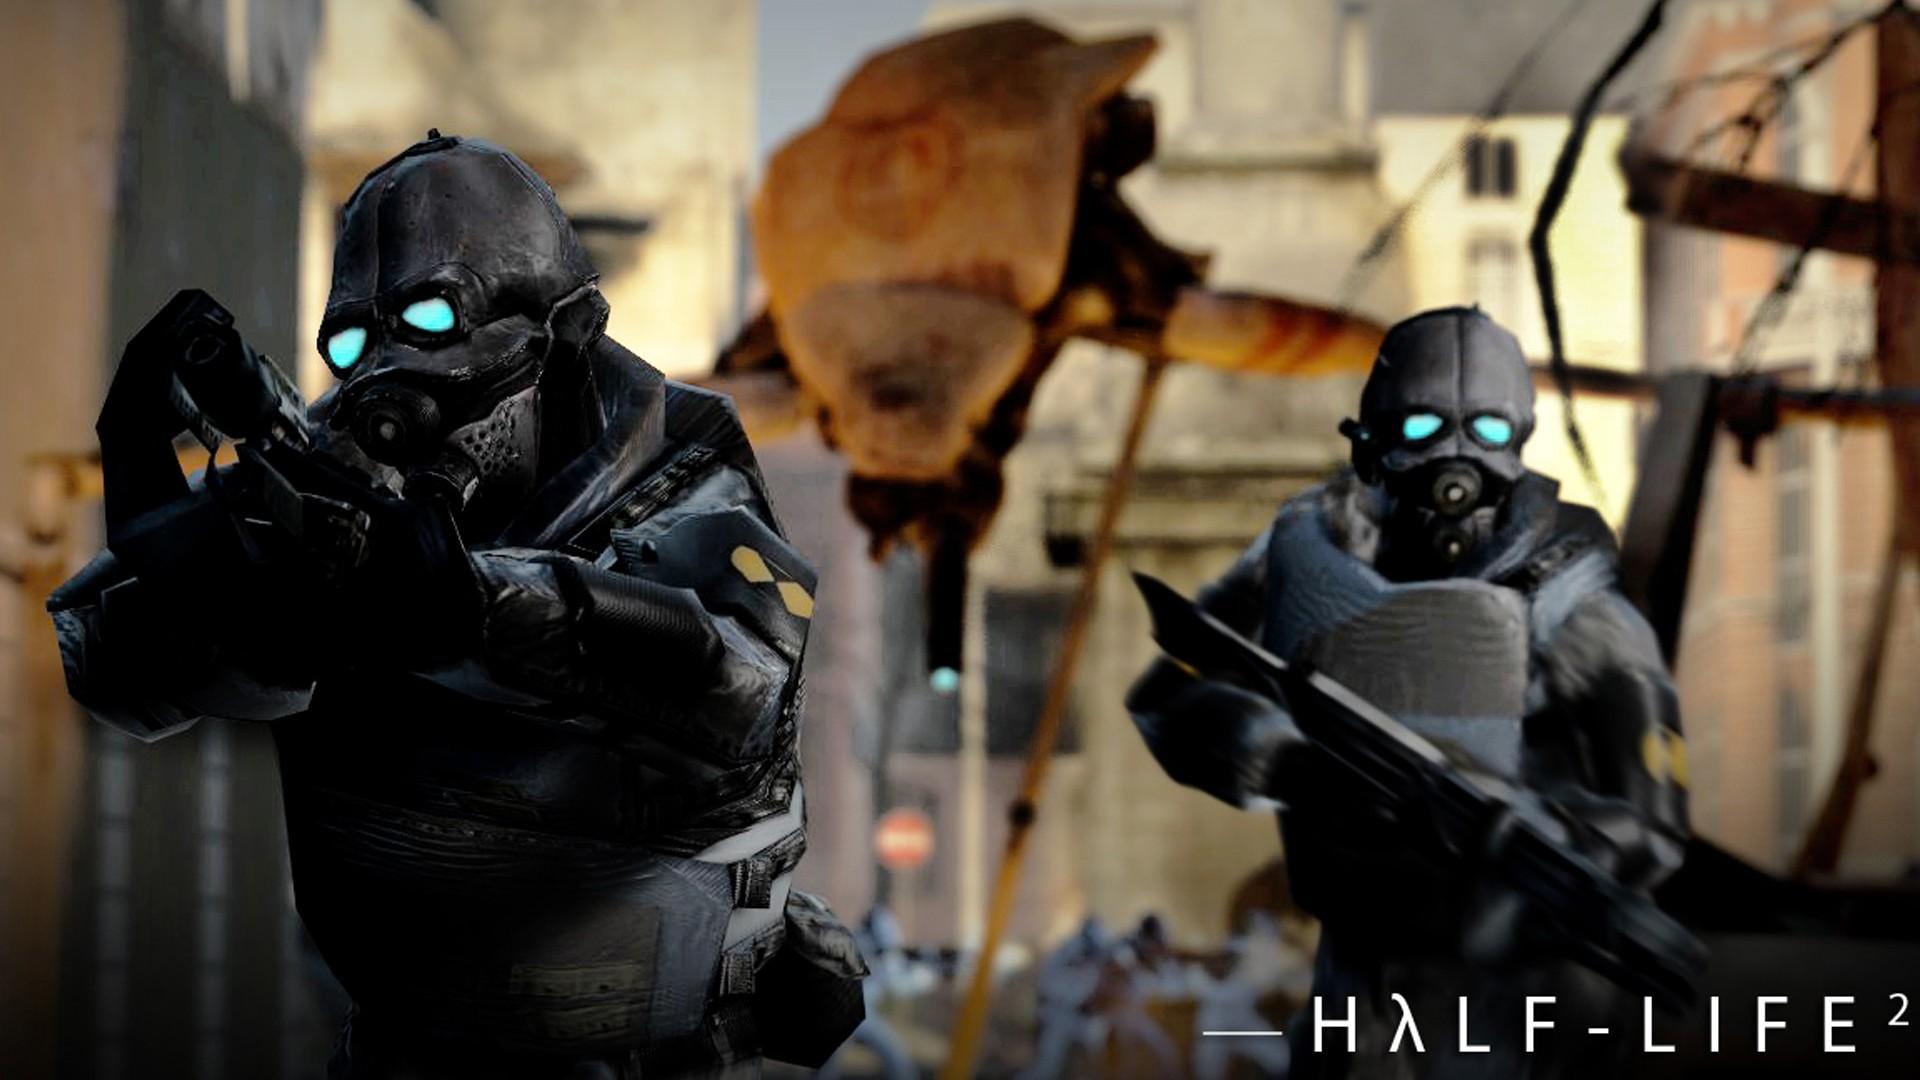 Wallpaper Half Life Half Life 2 Video Games 1920x1080 Hanako